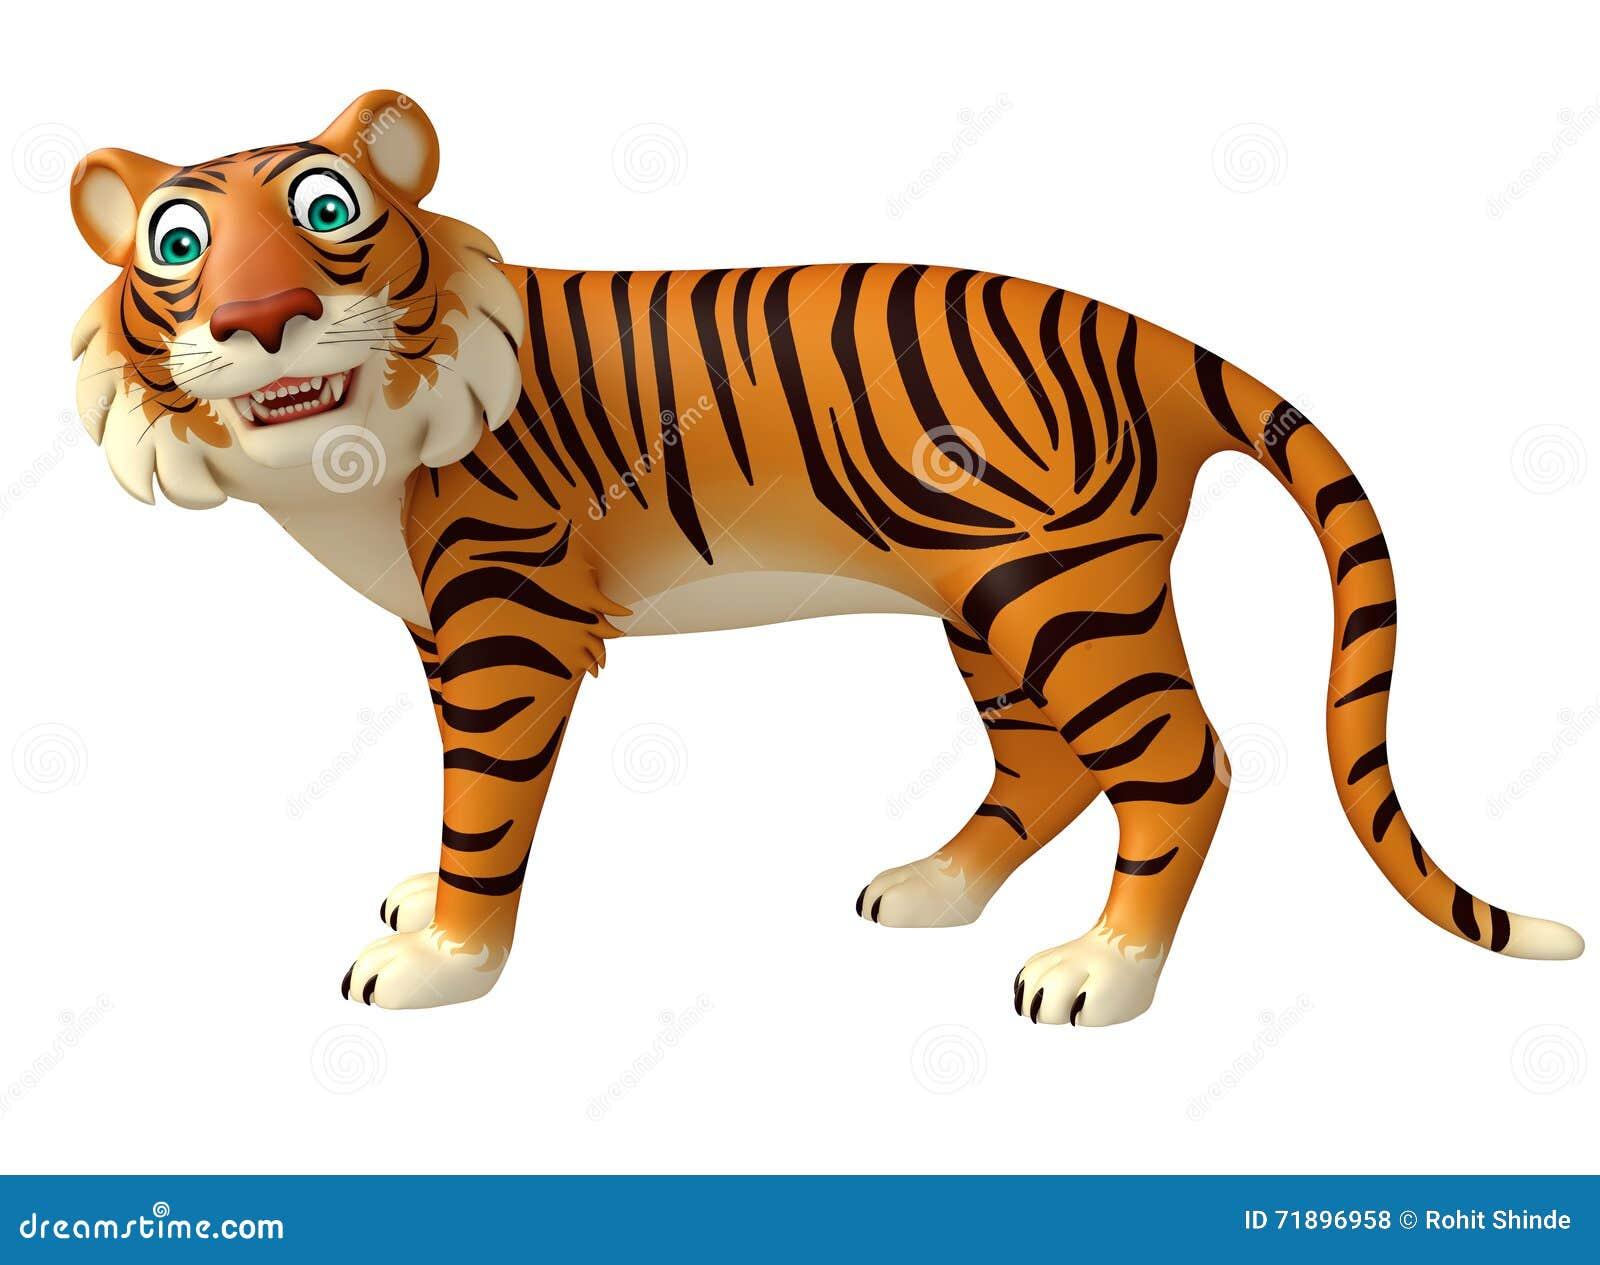 Personaje De Dibujos Animados Divertido Del Tigre Stock De